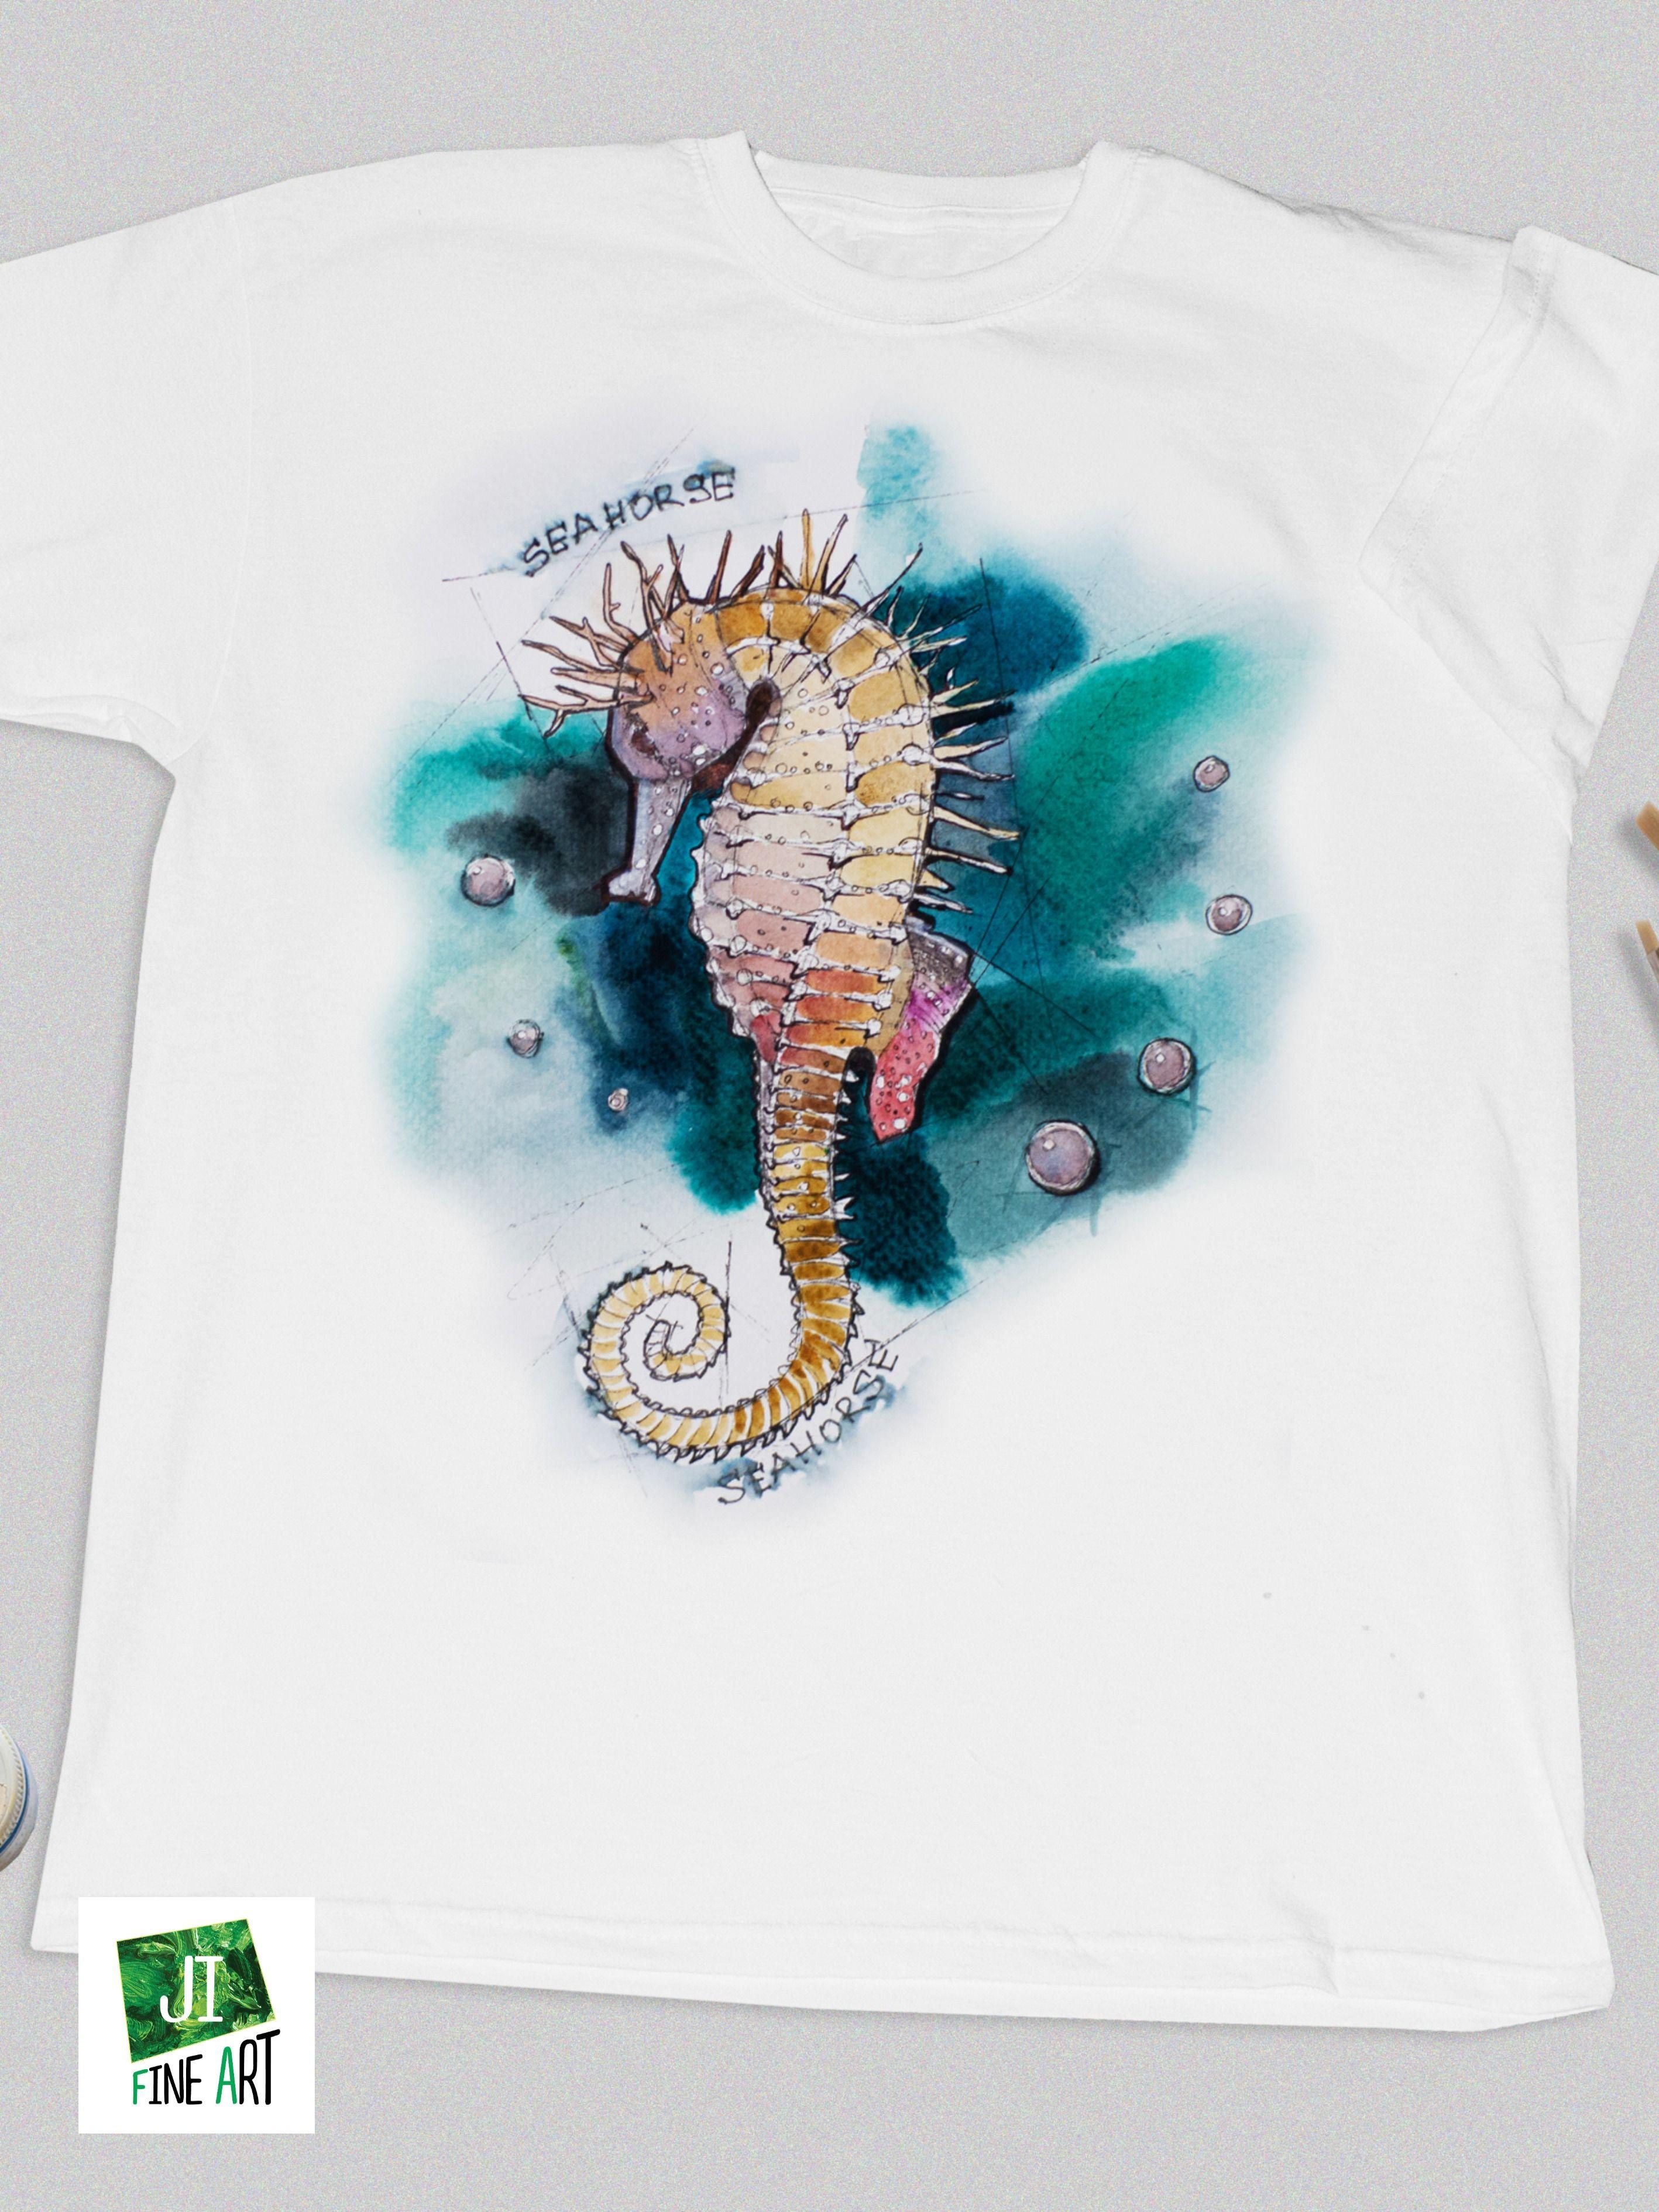 Dreamcatcher T Shirt Paint By Hand Shirt Watercolor Dreamcatcher